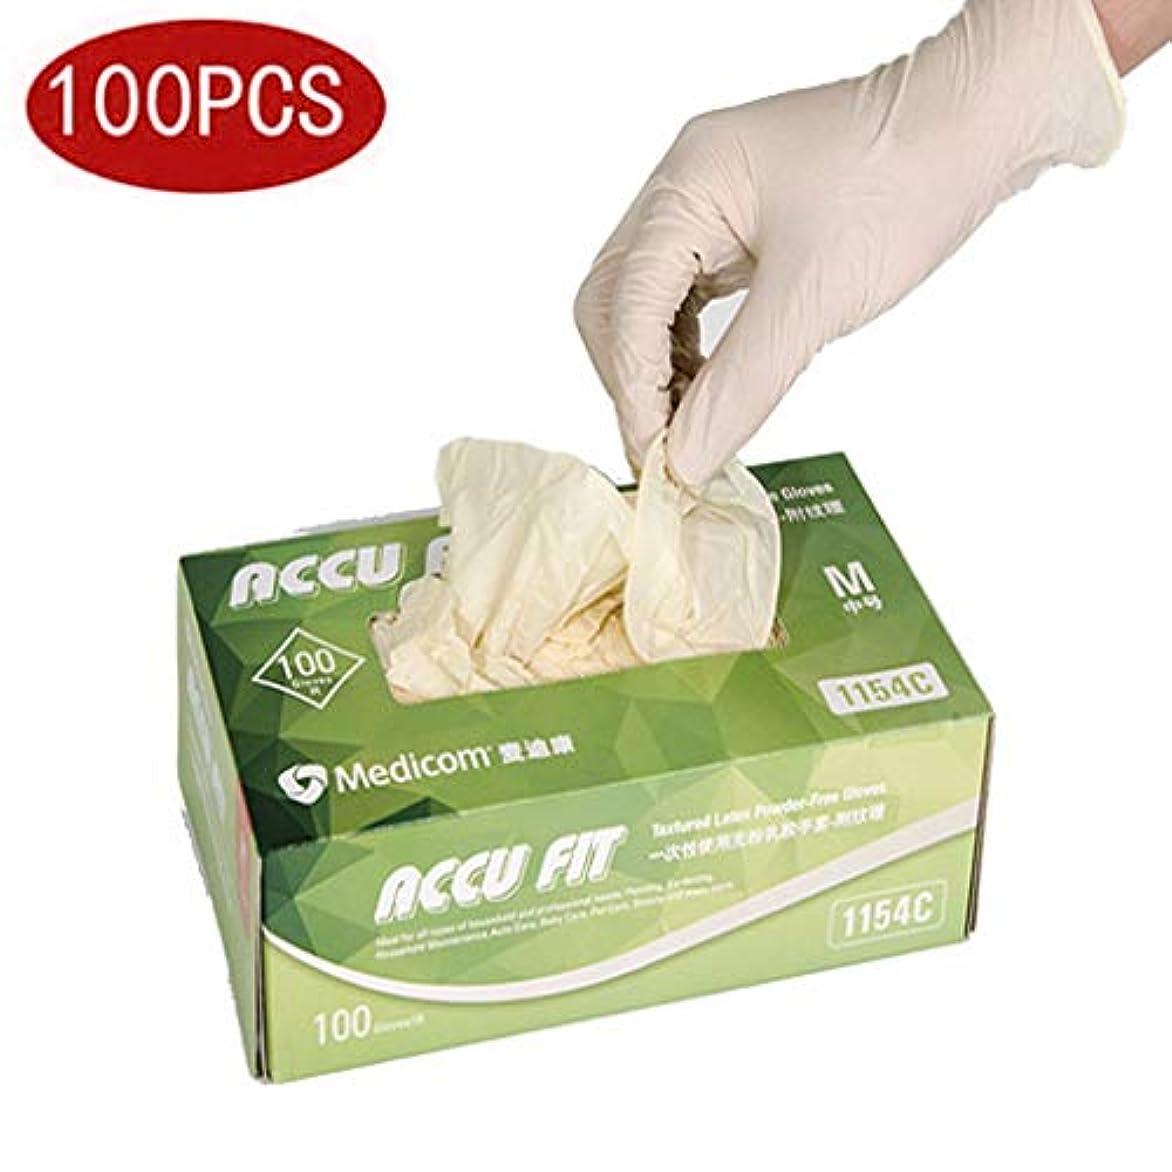 抑制首謀者豊富に9インチ使い捨てラテックス手袋、箱入り、パウダーフリーゴム、滑り止めの清掃、労働保険検査用手袋|100の病院ボックスのプロフェッショナルグレード (Size : S)